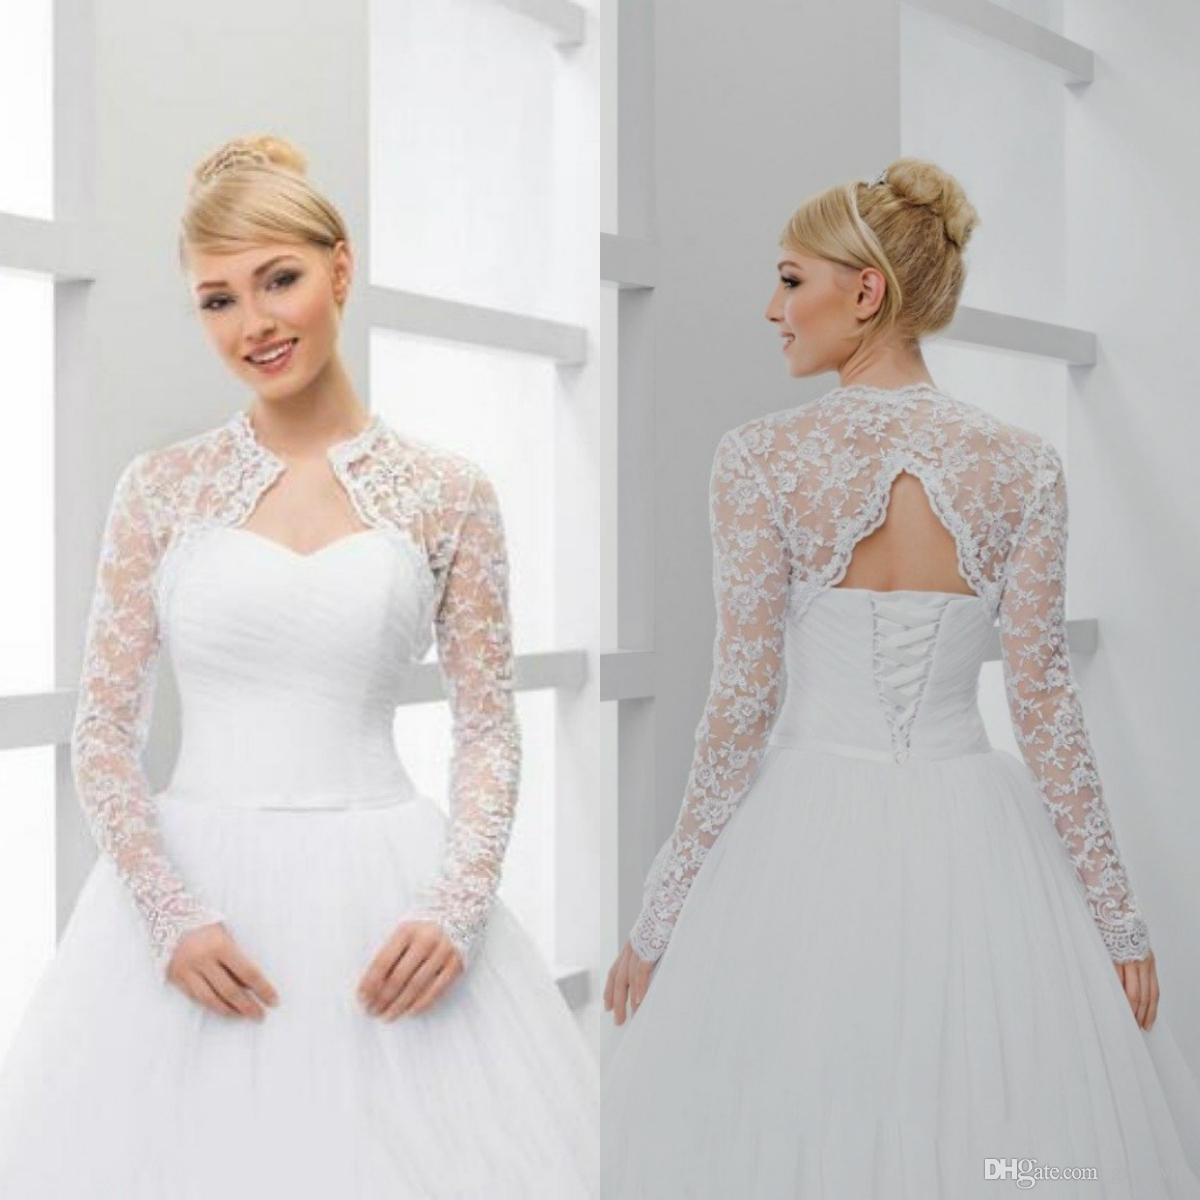 2019 Lace Bridal Jackets Wedding Boleros White Ivory Long Sleeve